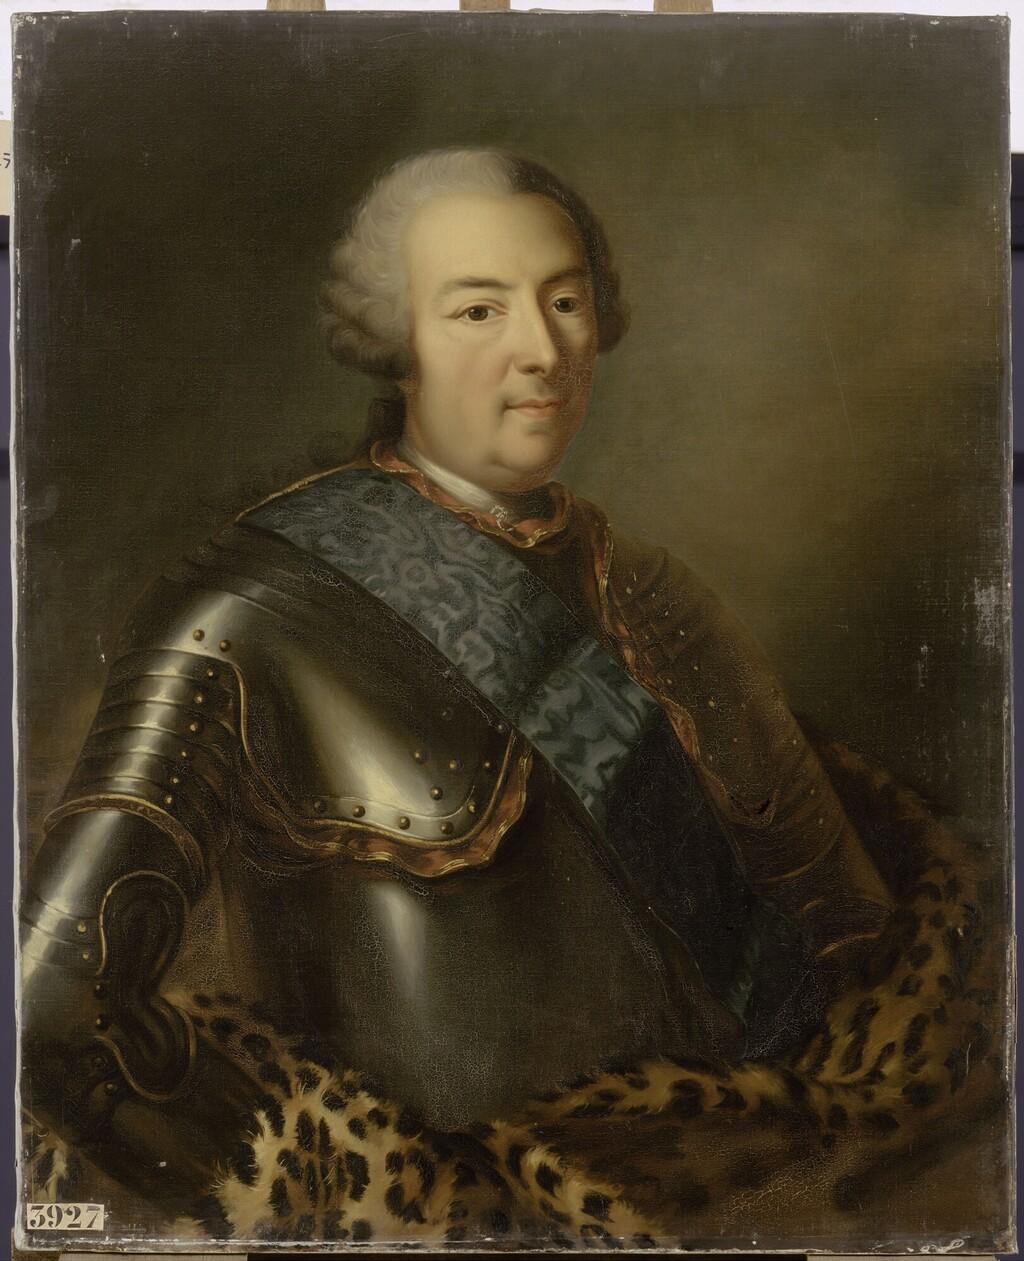 Le Journal du roi Louis XVI et ses Reflexions sur ses entretiens avec Mr le Duc de la Vauguyon Duc_va10